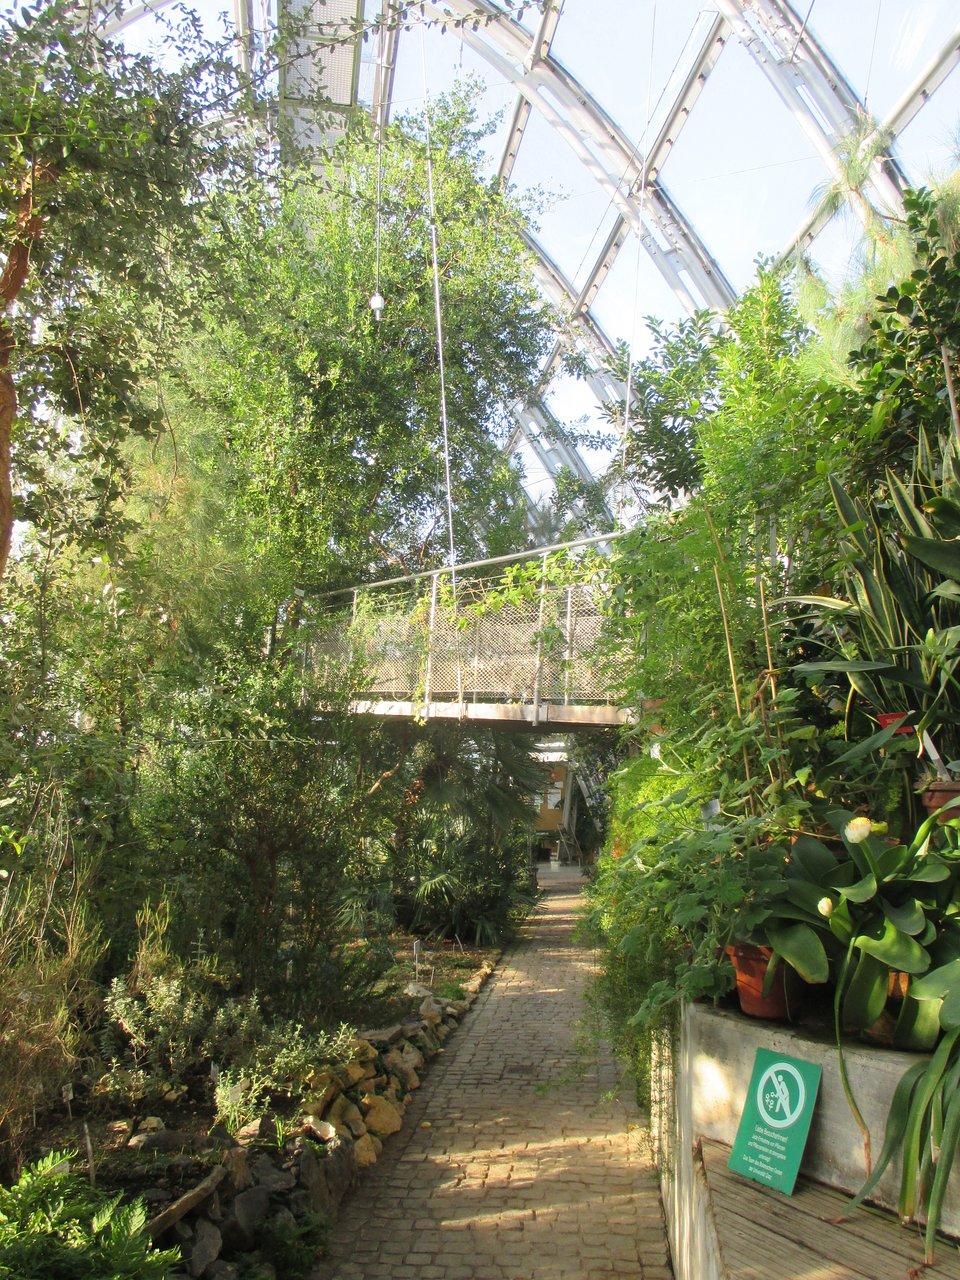 Botanical Garden Botanischer Garten Graz Aktuelle 2021 Lohnt Es Sich Mit Fotos